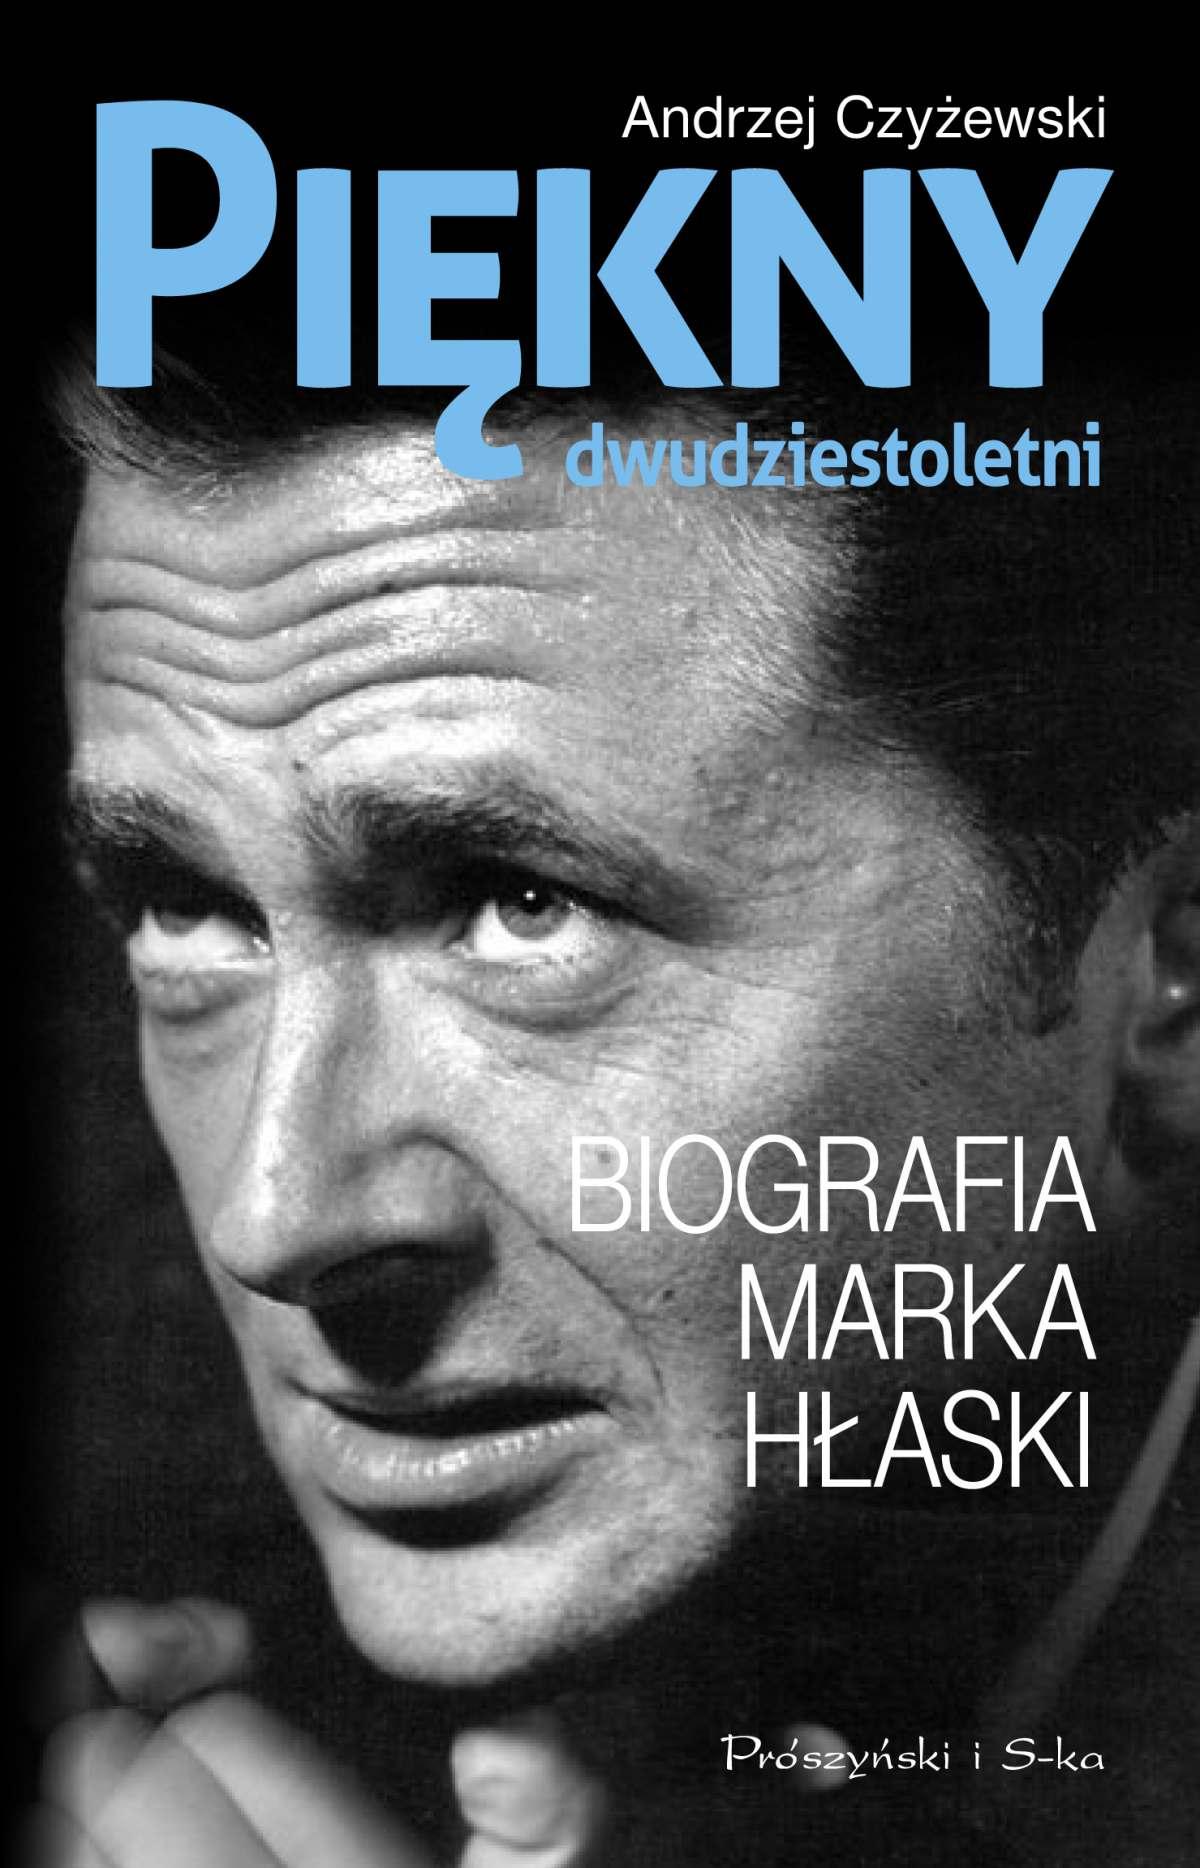 Piękny dwudziestoletni. Biografia Marka Hłaski - Ebook (Książka EPUB) do pobrania w formacie EPUB